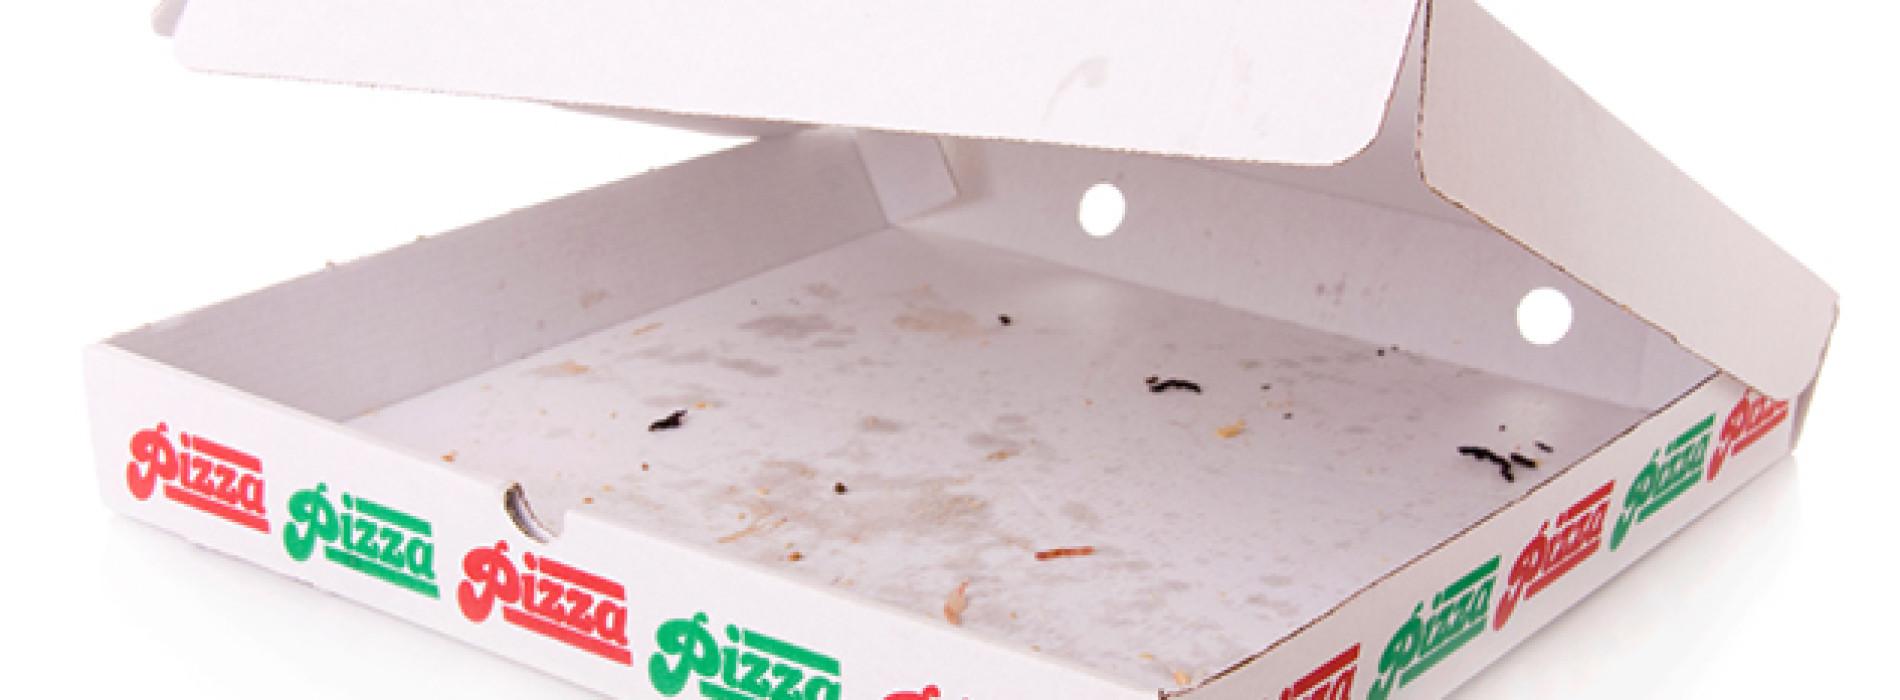 Attenzione ai cartoni delle pizze, alcuni contengono sostanze tossiche